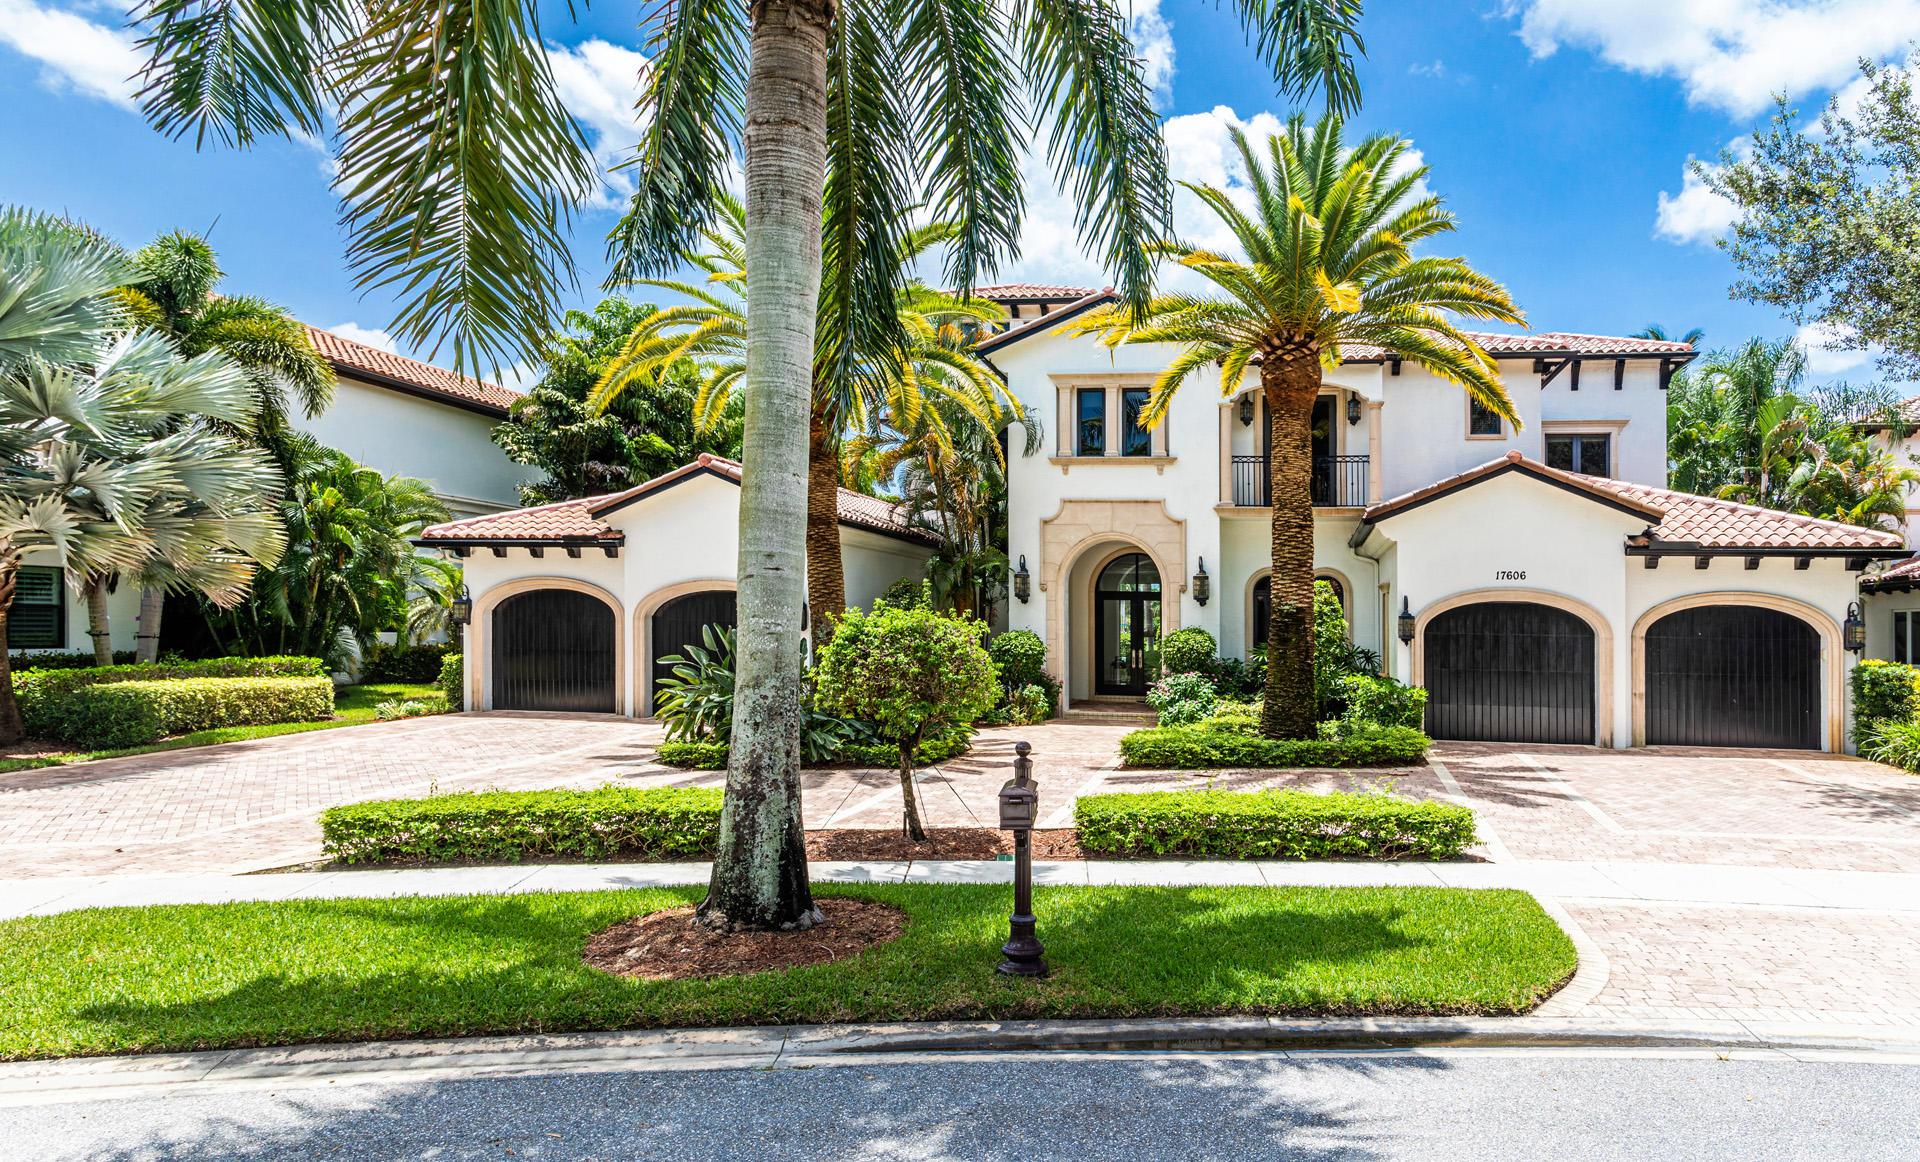 17606 Grand Este Way, Boca Raton, Florida 33496, 6 Bedrooms Bedrooms, ,7.2 BathroomsBathrooms,Single family detached,For sale,Grand Este,RX-10636628